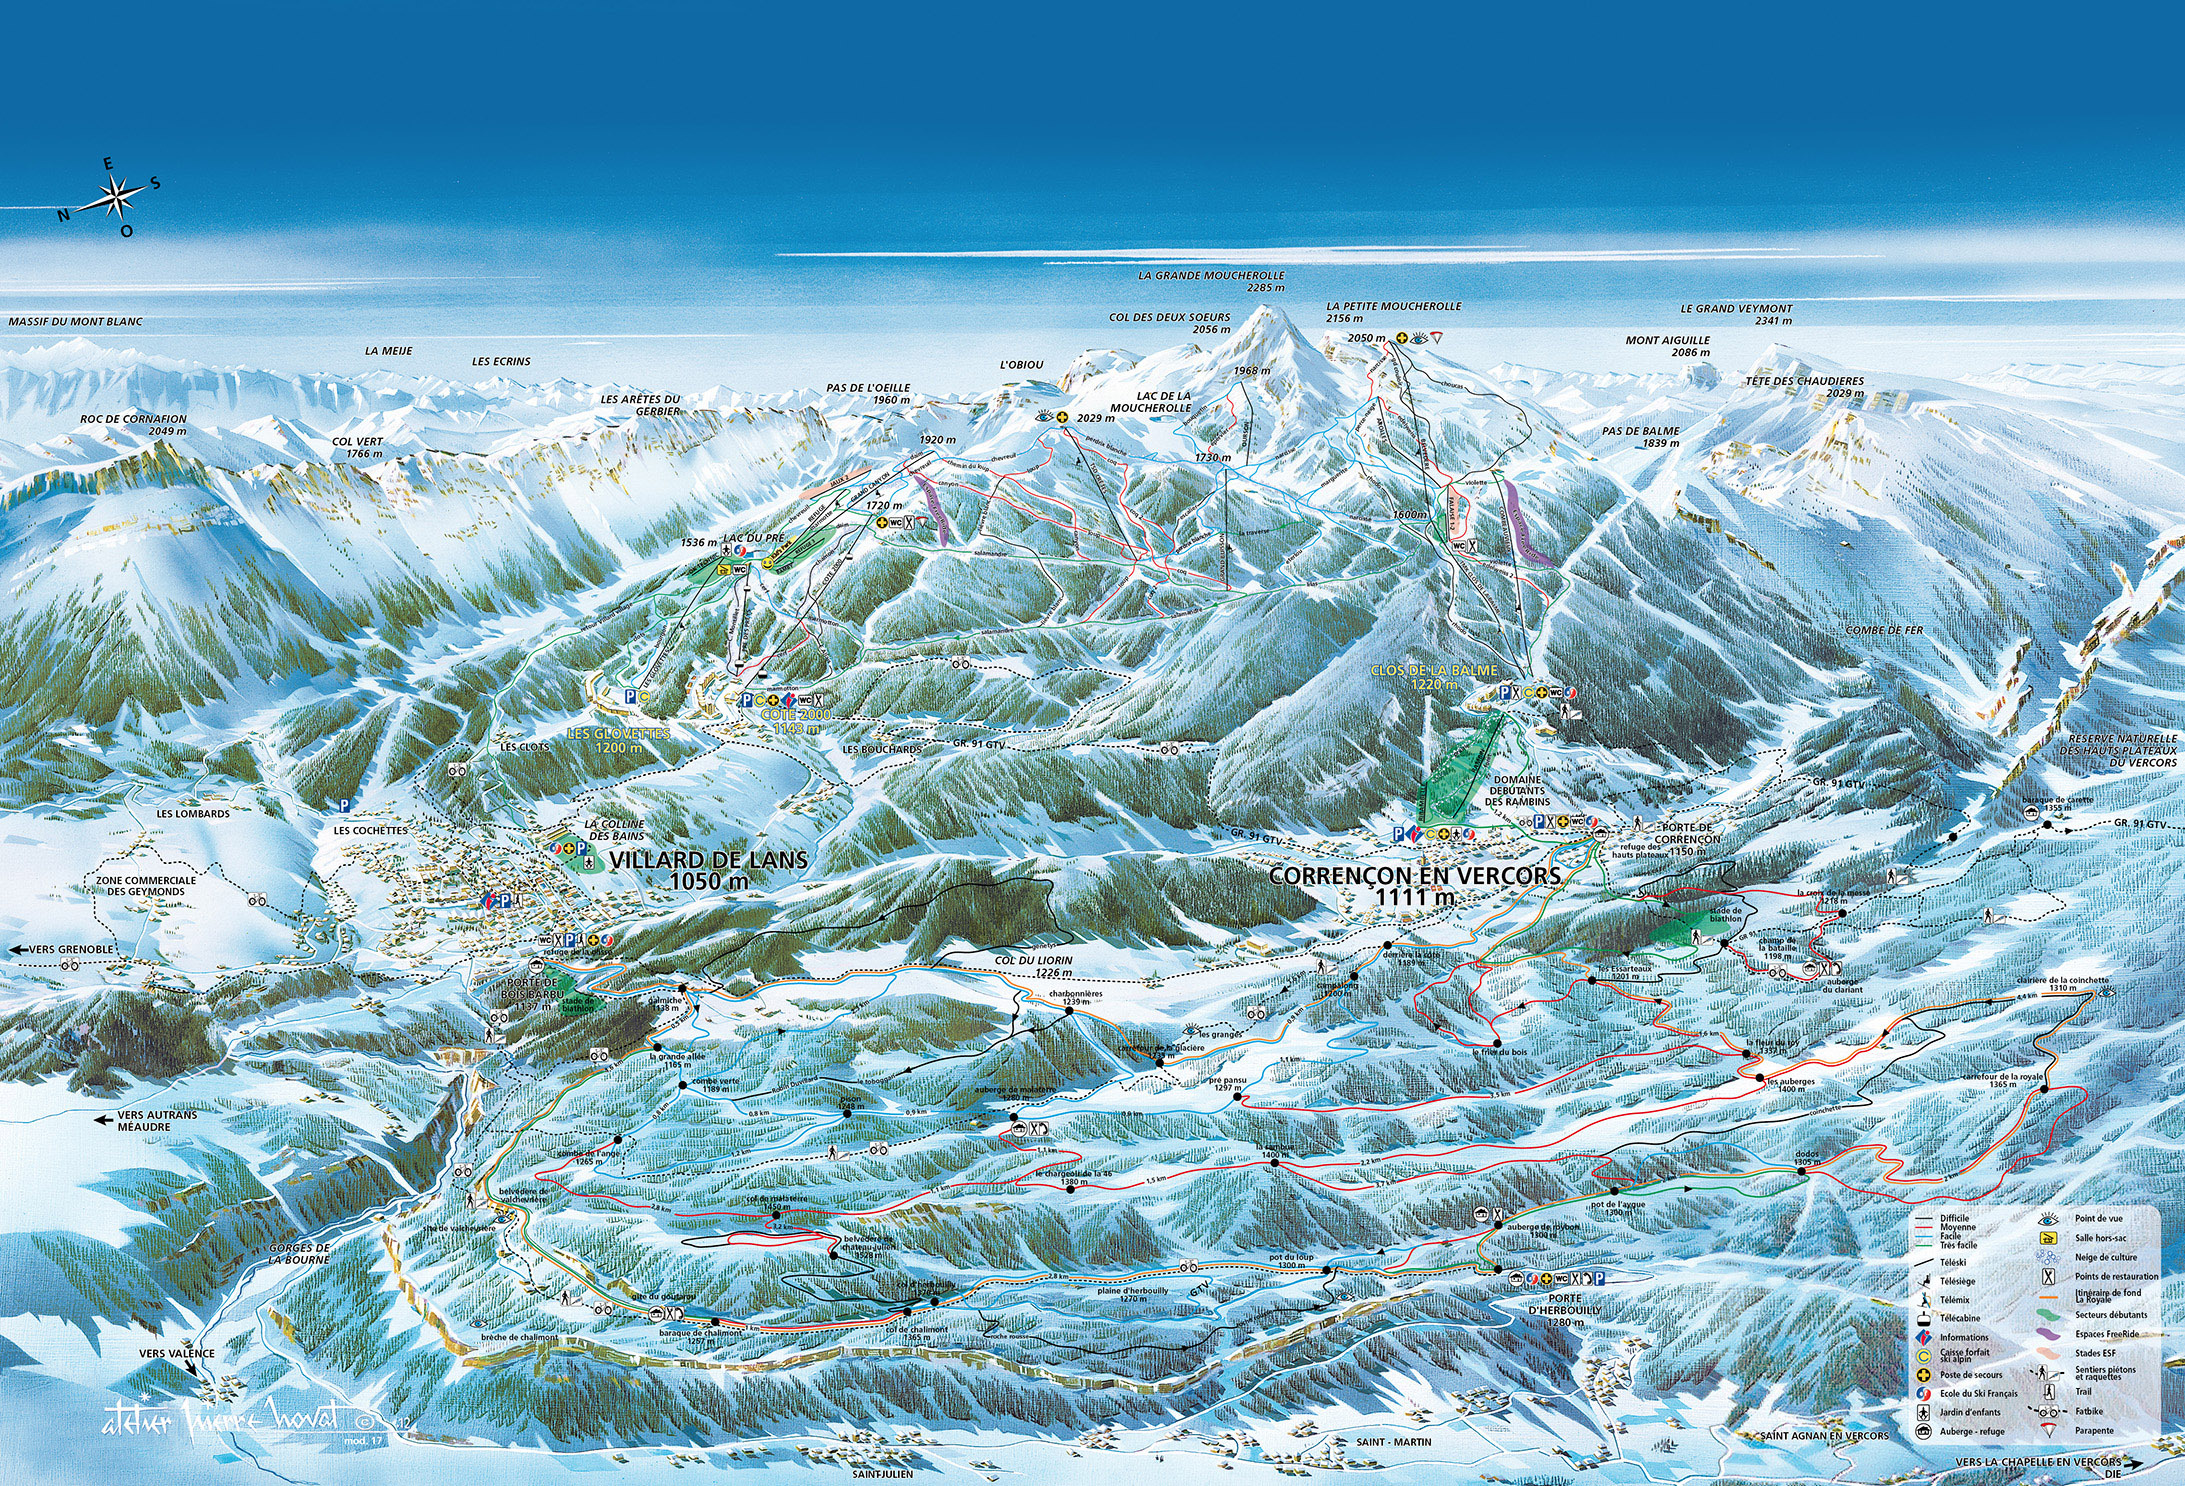 Guide de station de ski de villard de lans carte - Office du tourisme de villard de lans ...